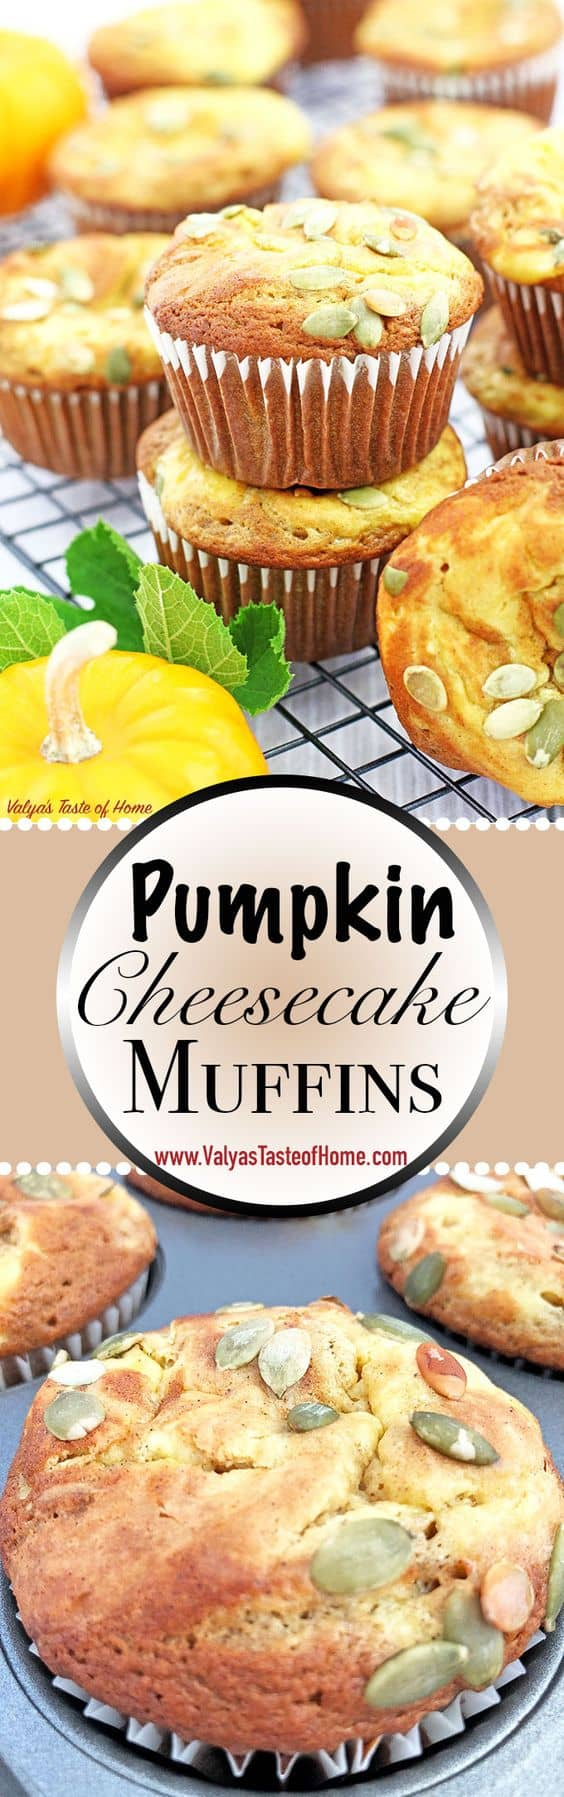 cinnamon, clean eating, fall baking, home eggs, homemade pumpkin puree, kid friendly, organic flour, organic sugar, pumpkin cheesecake muffins, Pumpkin Cheesecake Muffins (Video), pumpkin muffins, pumpkin pie spice, video ricipe